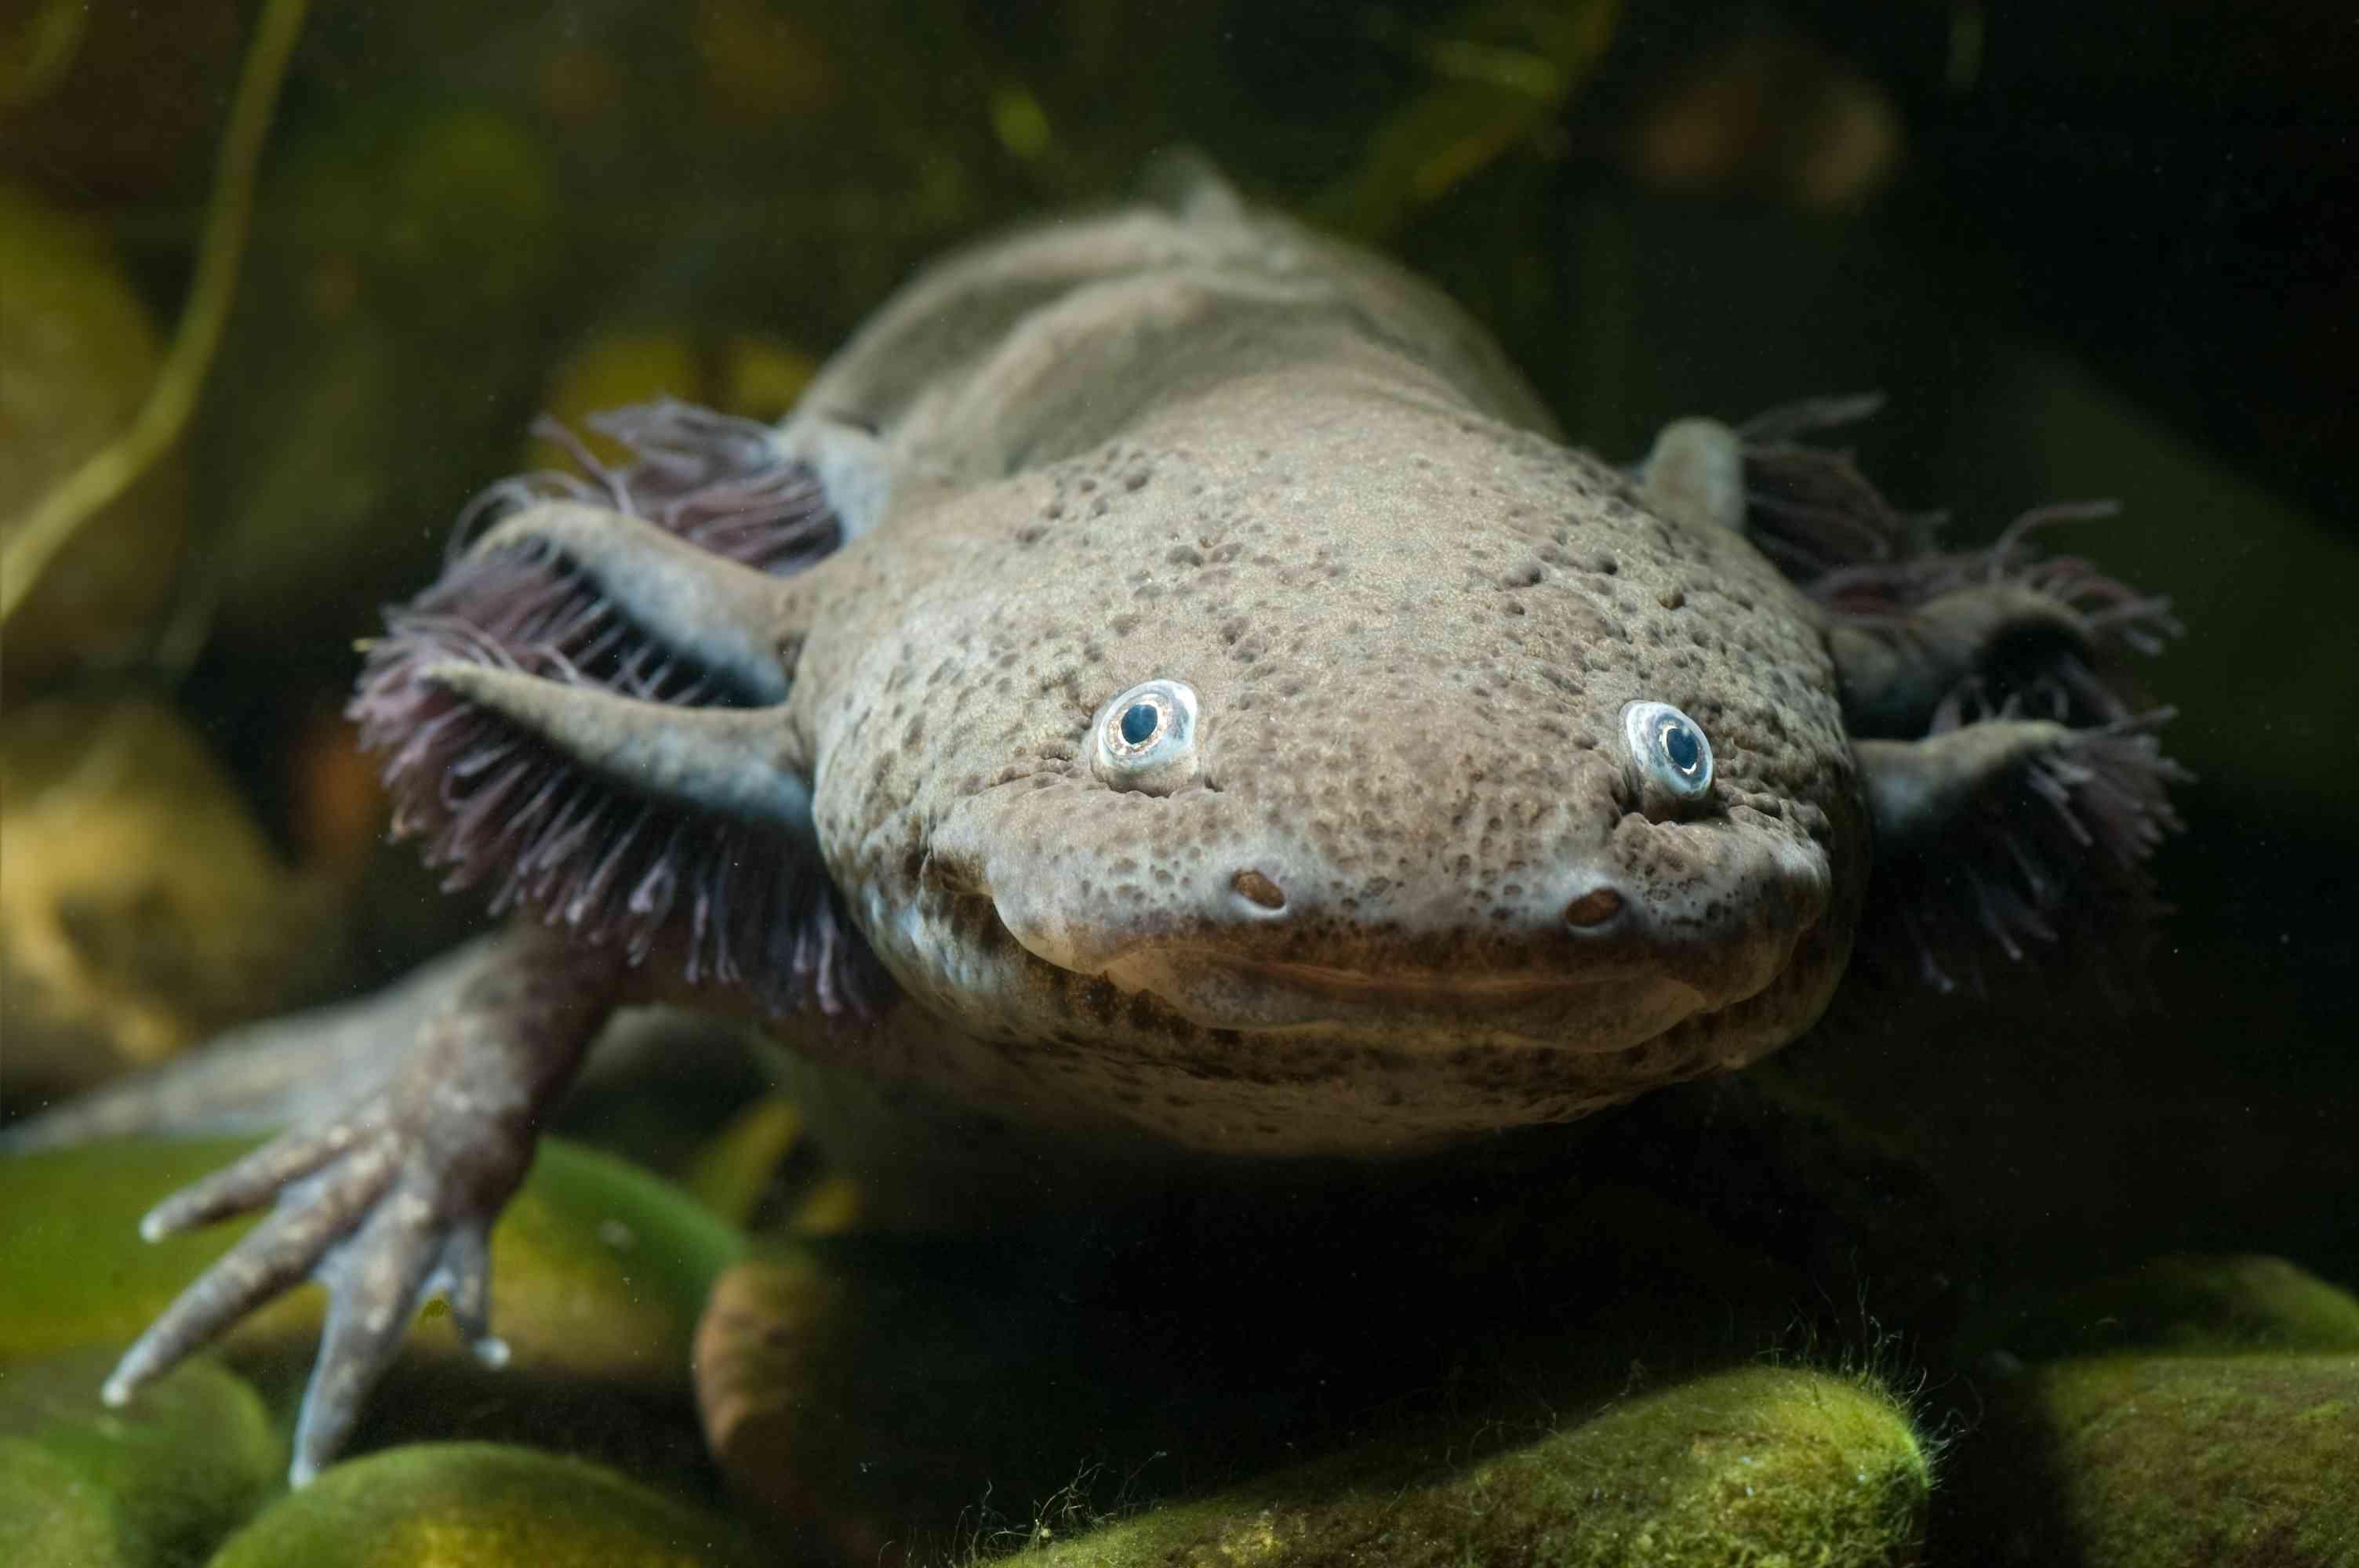 Face of an axolotl